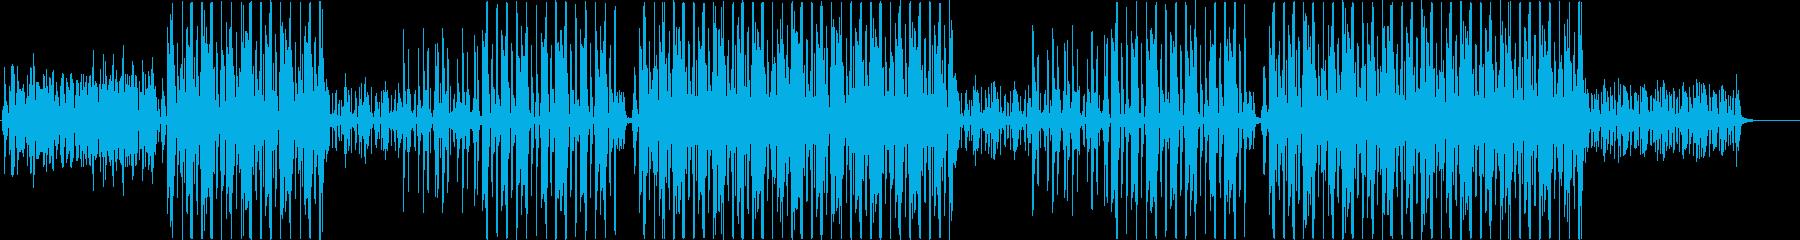 洋楽、アフロビート、アップテンポ♪の再生済みの波形